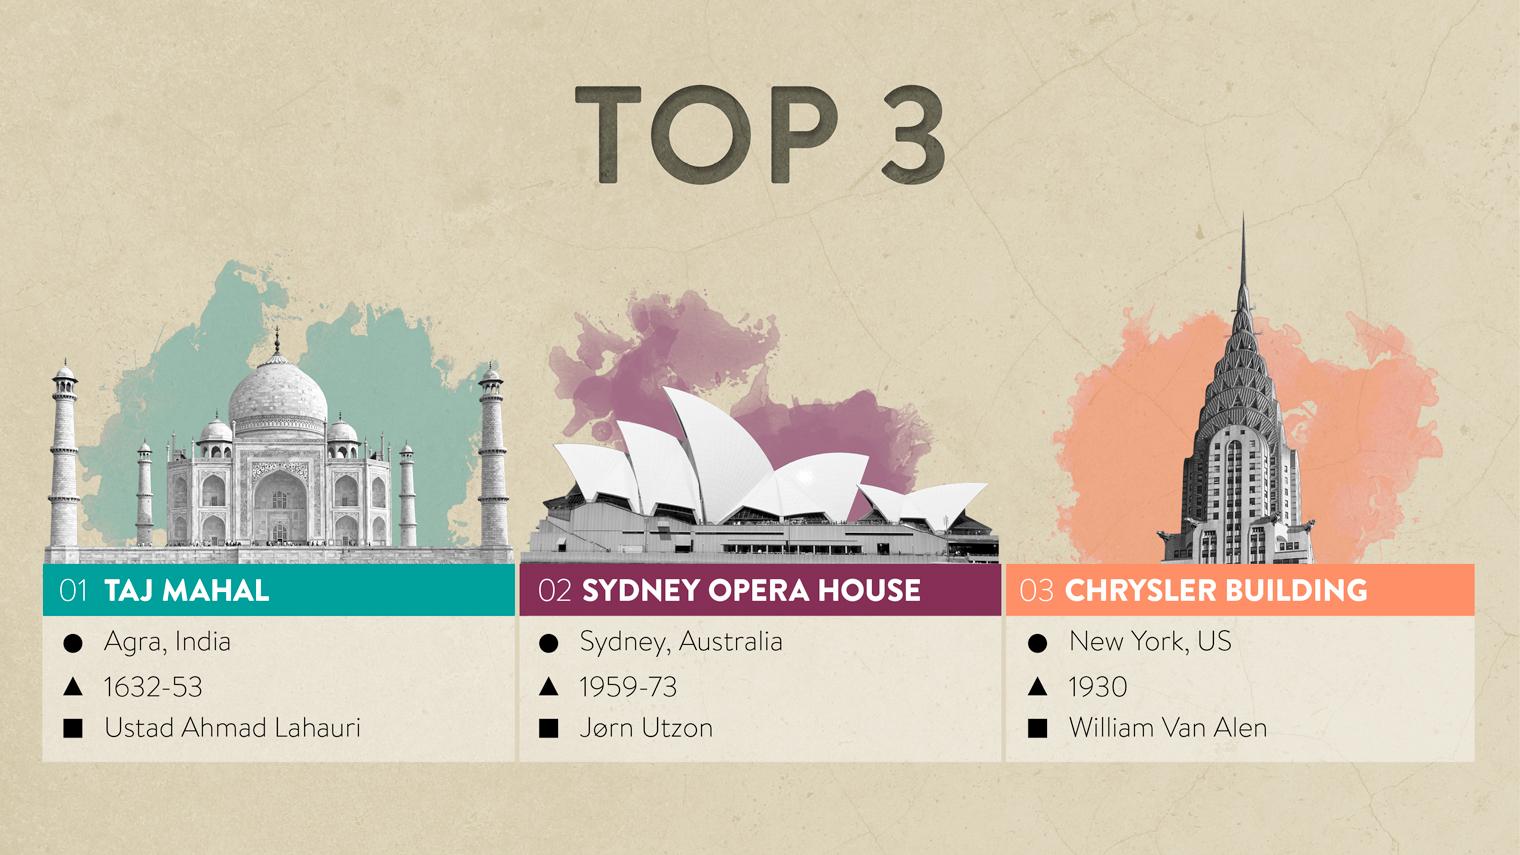 Top 3 buildings